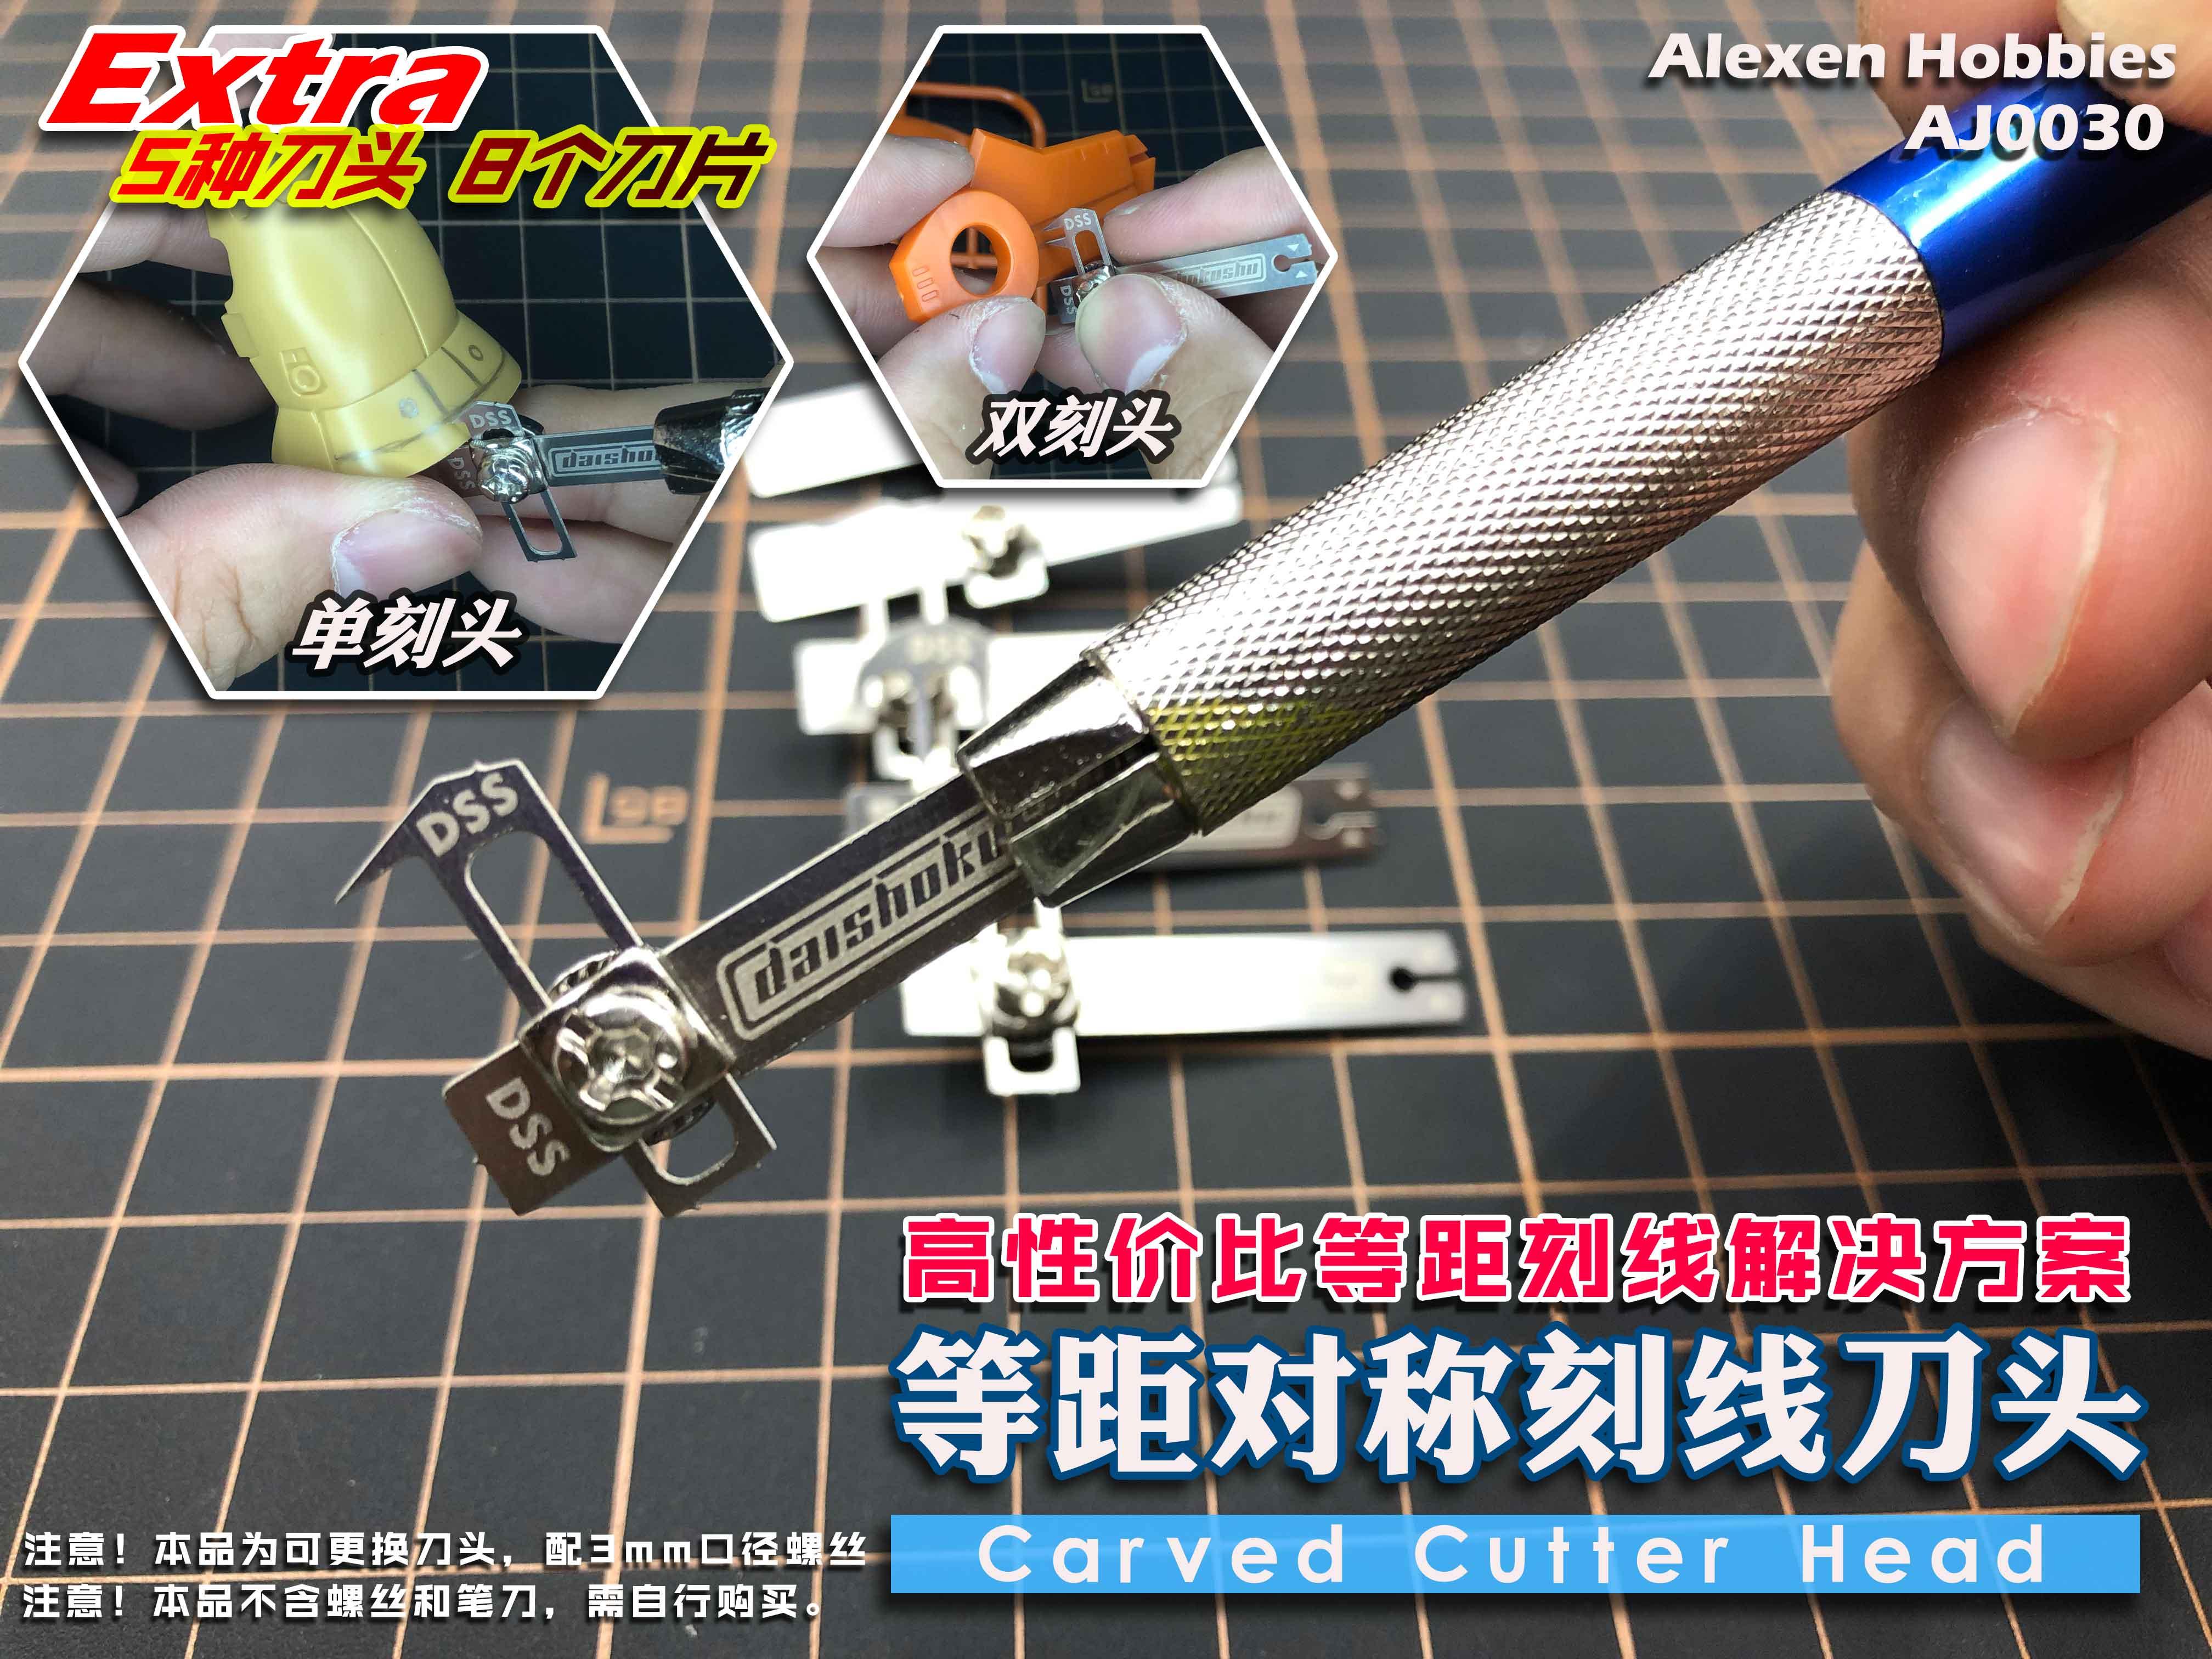 【艾烈臣品】AJ0030 高达/机甲模型 平衡&对称刻线 刻线刀头 5in1